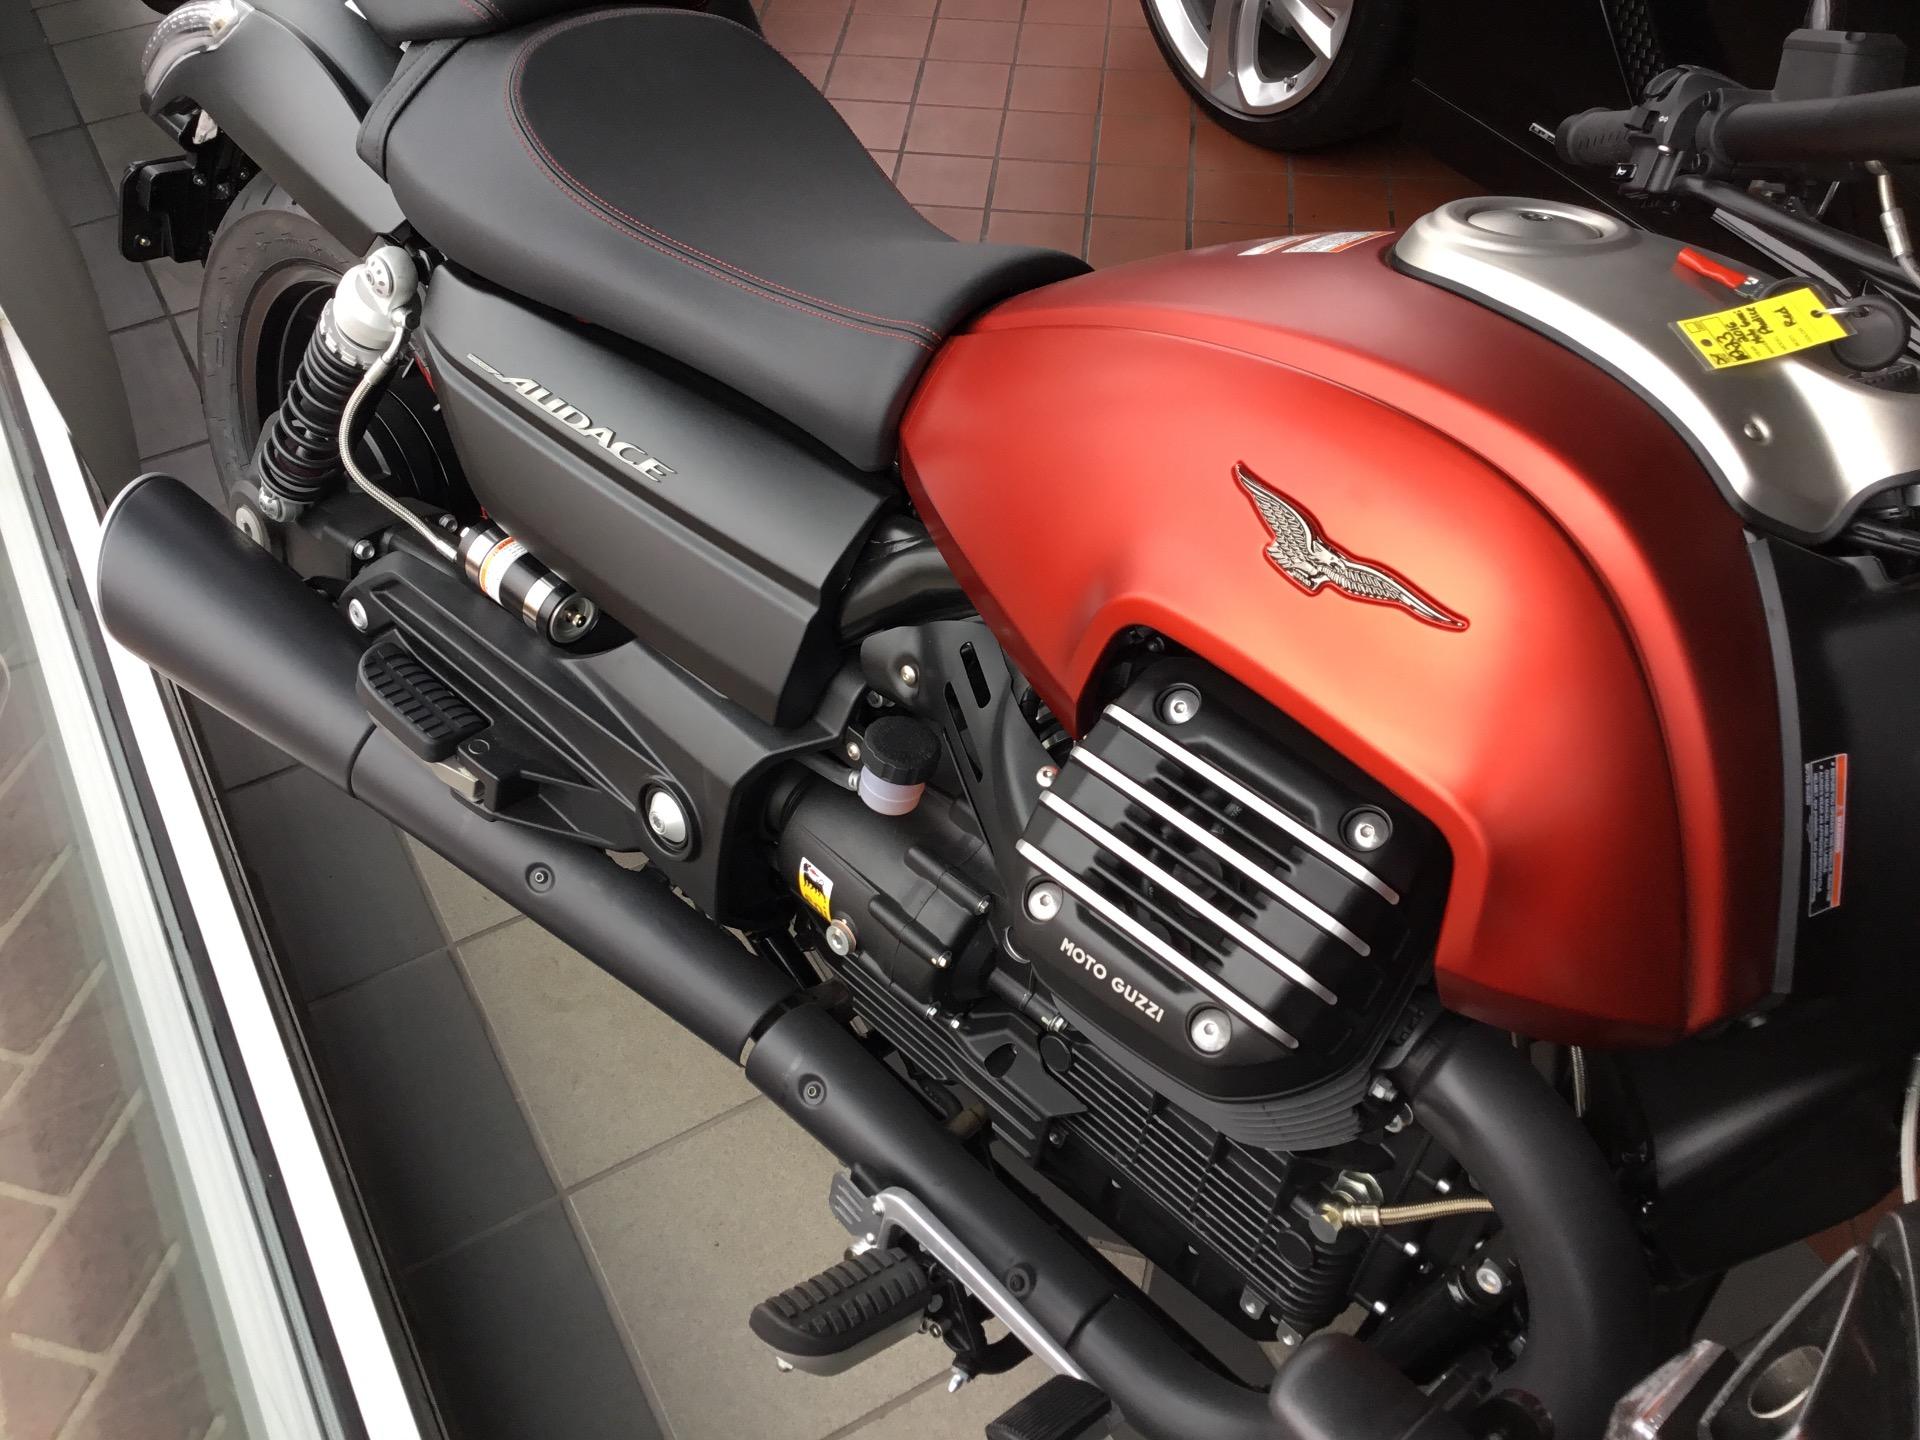 New-2016-Moto-Guzzi-Audace